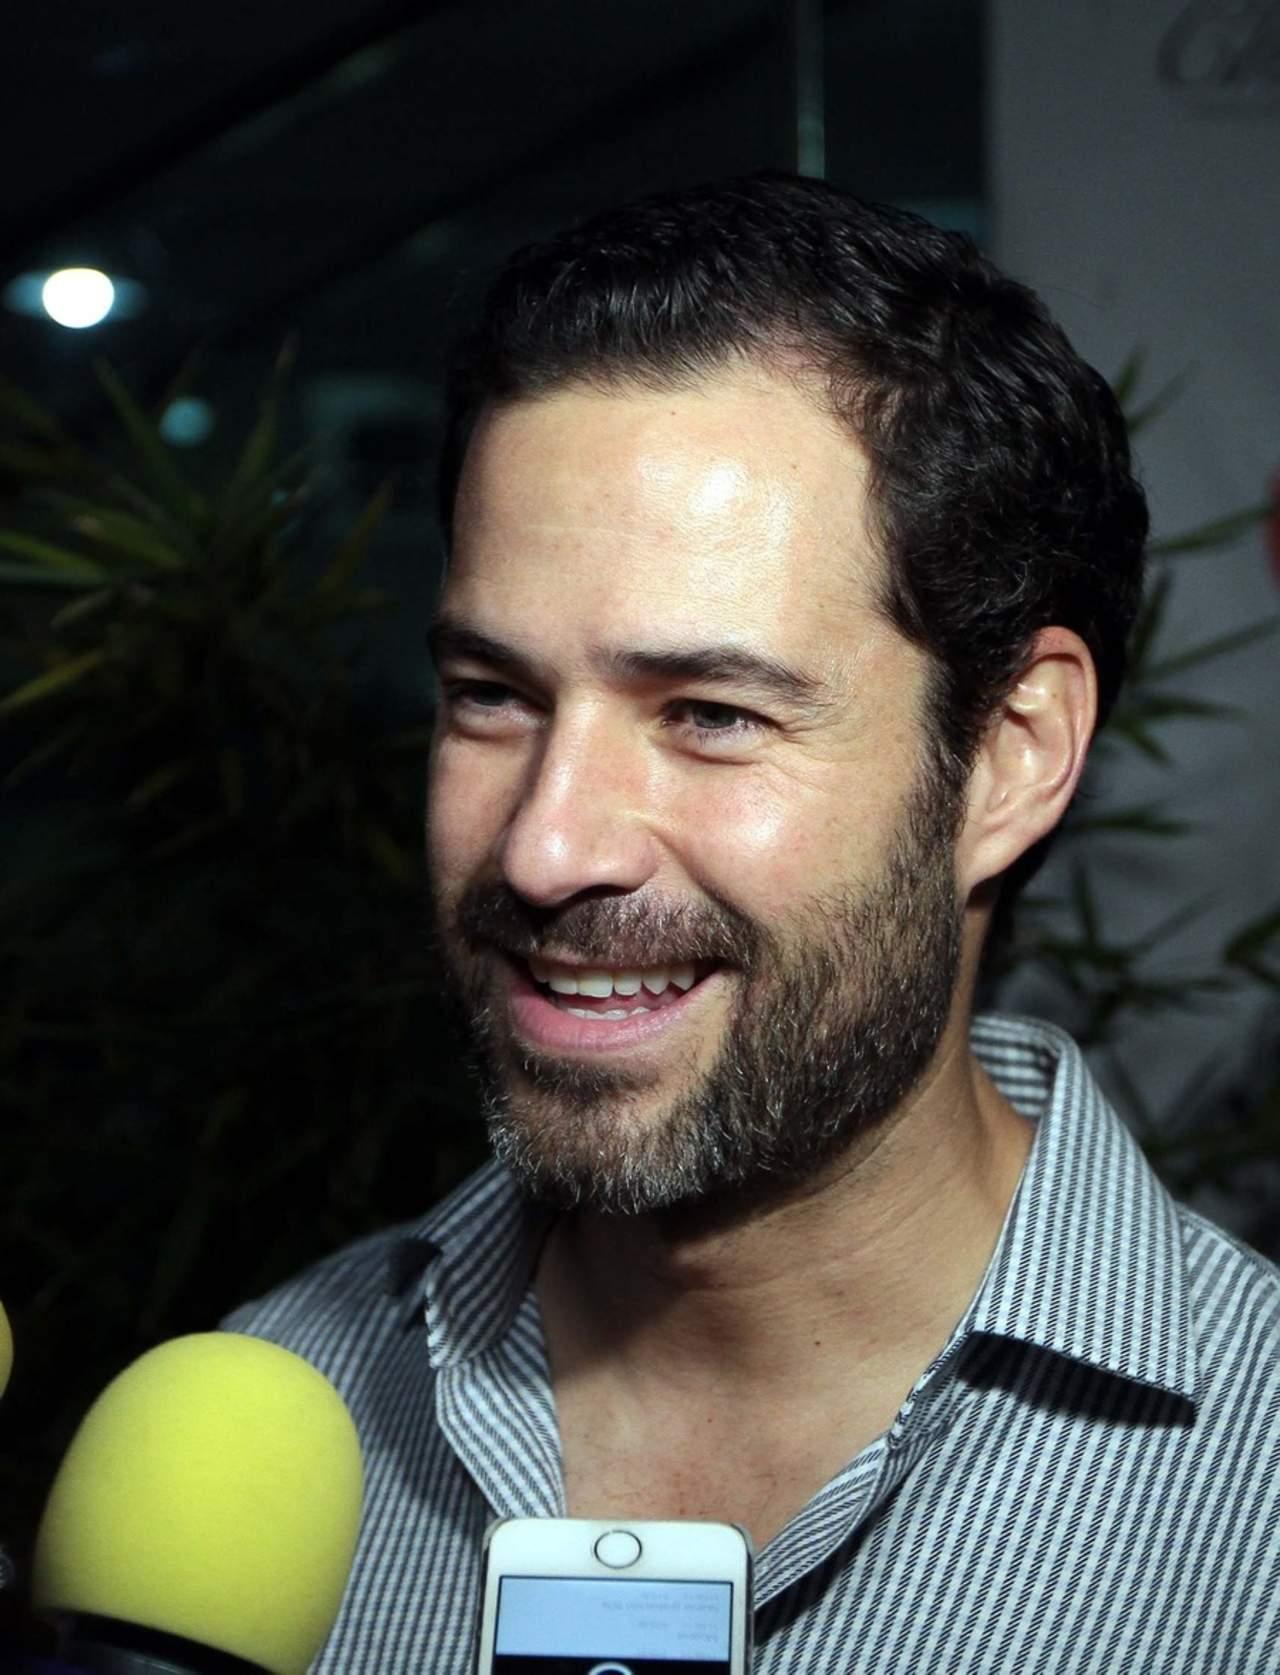 Emiliano Salinas responde a supuesto vínculo con secta